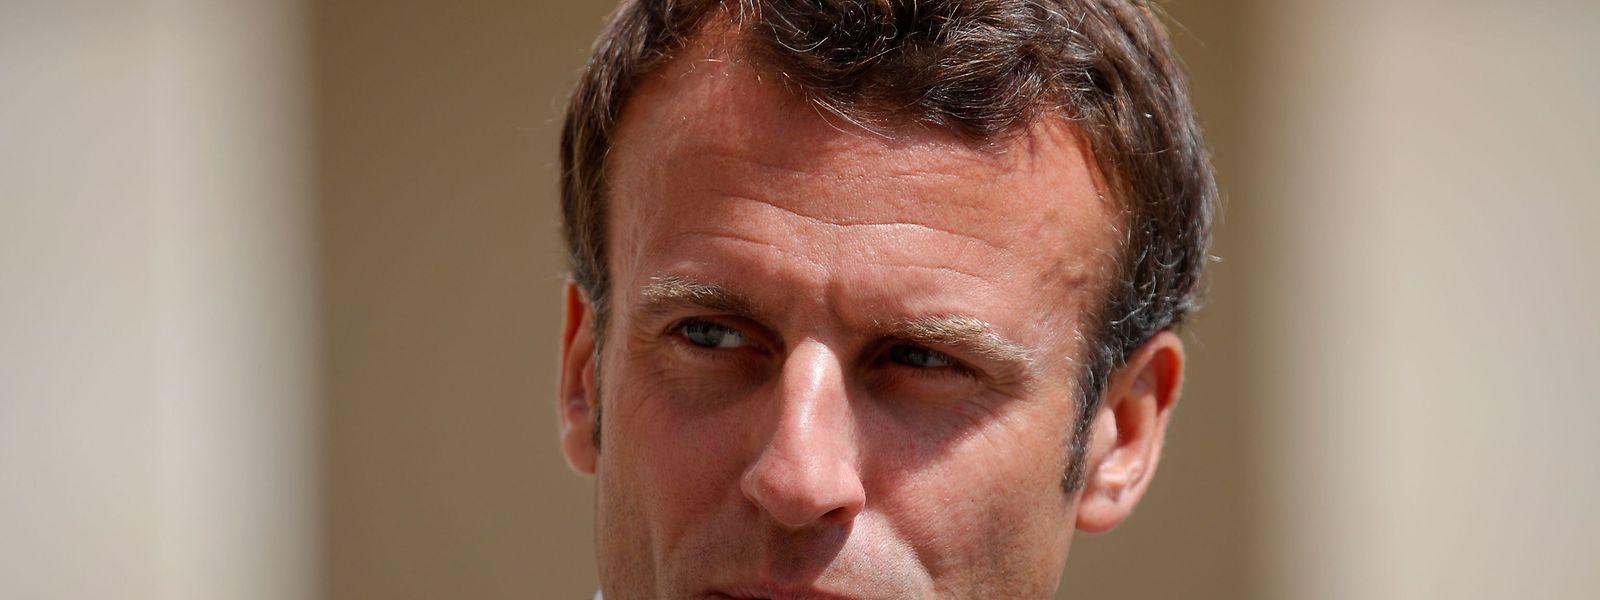 Der französische Präsident Emmanuel Macron will sich künftig mehr für Umweltschutz einsetzen.